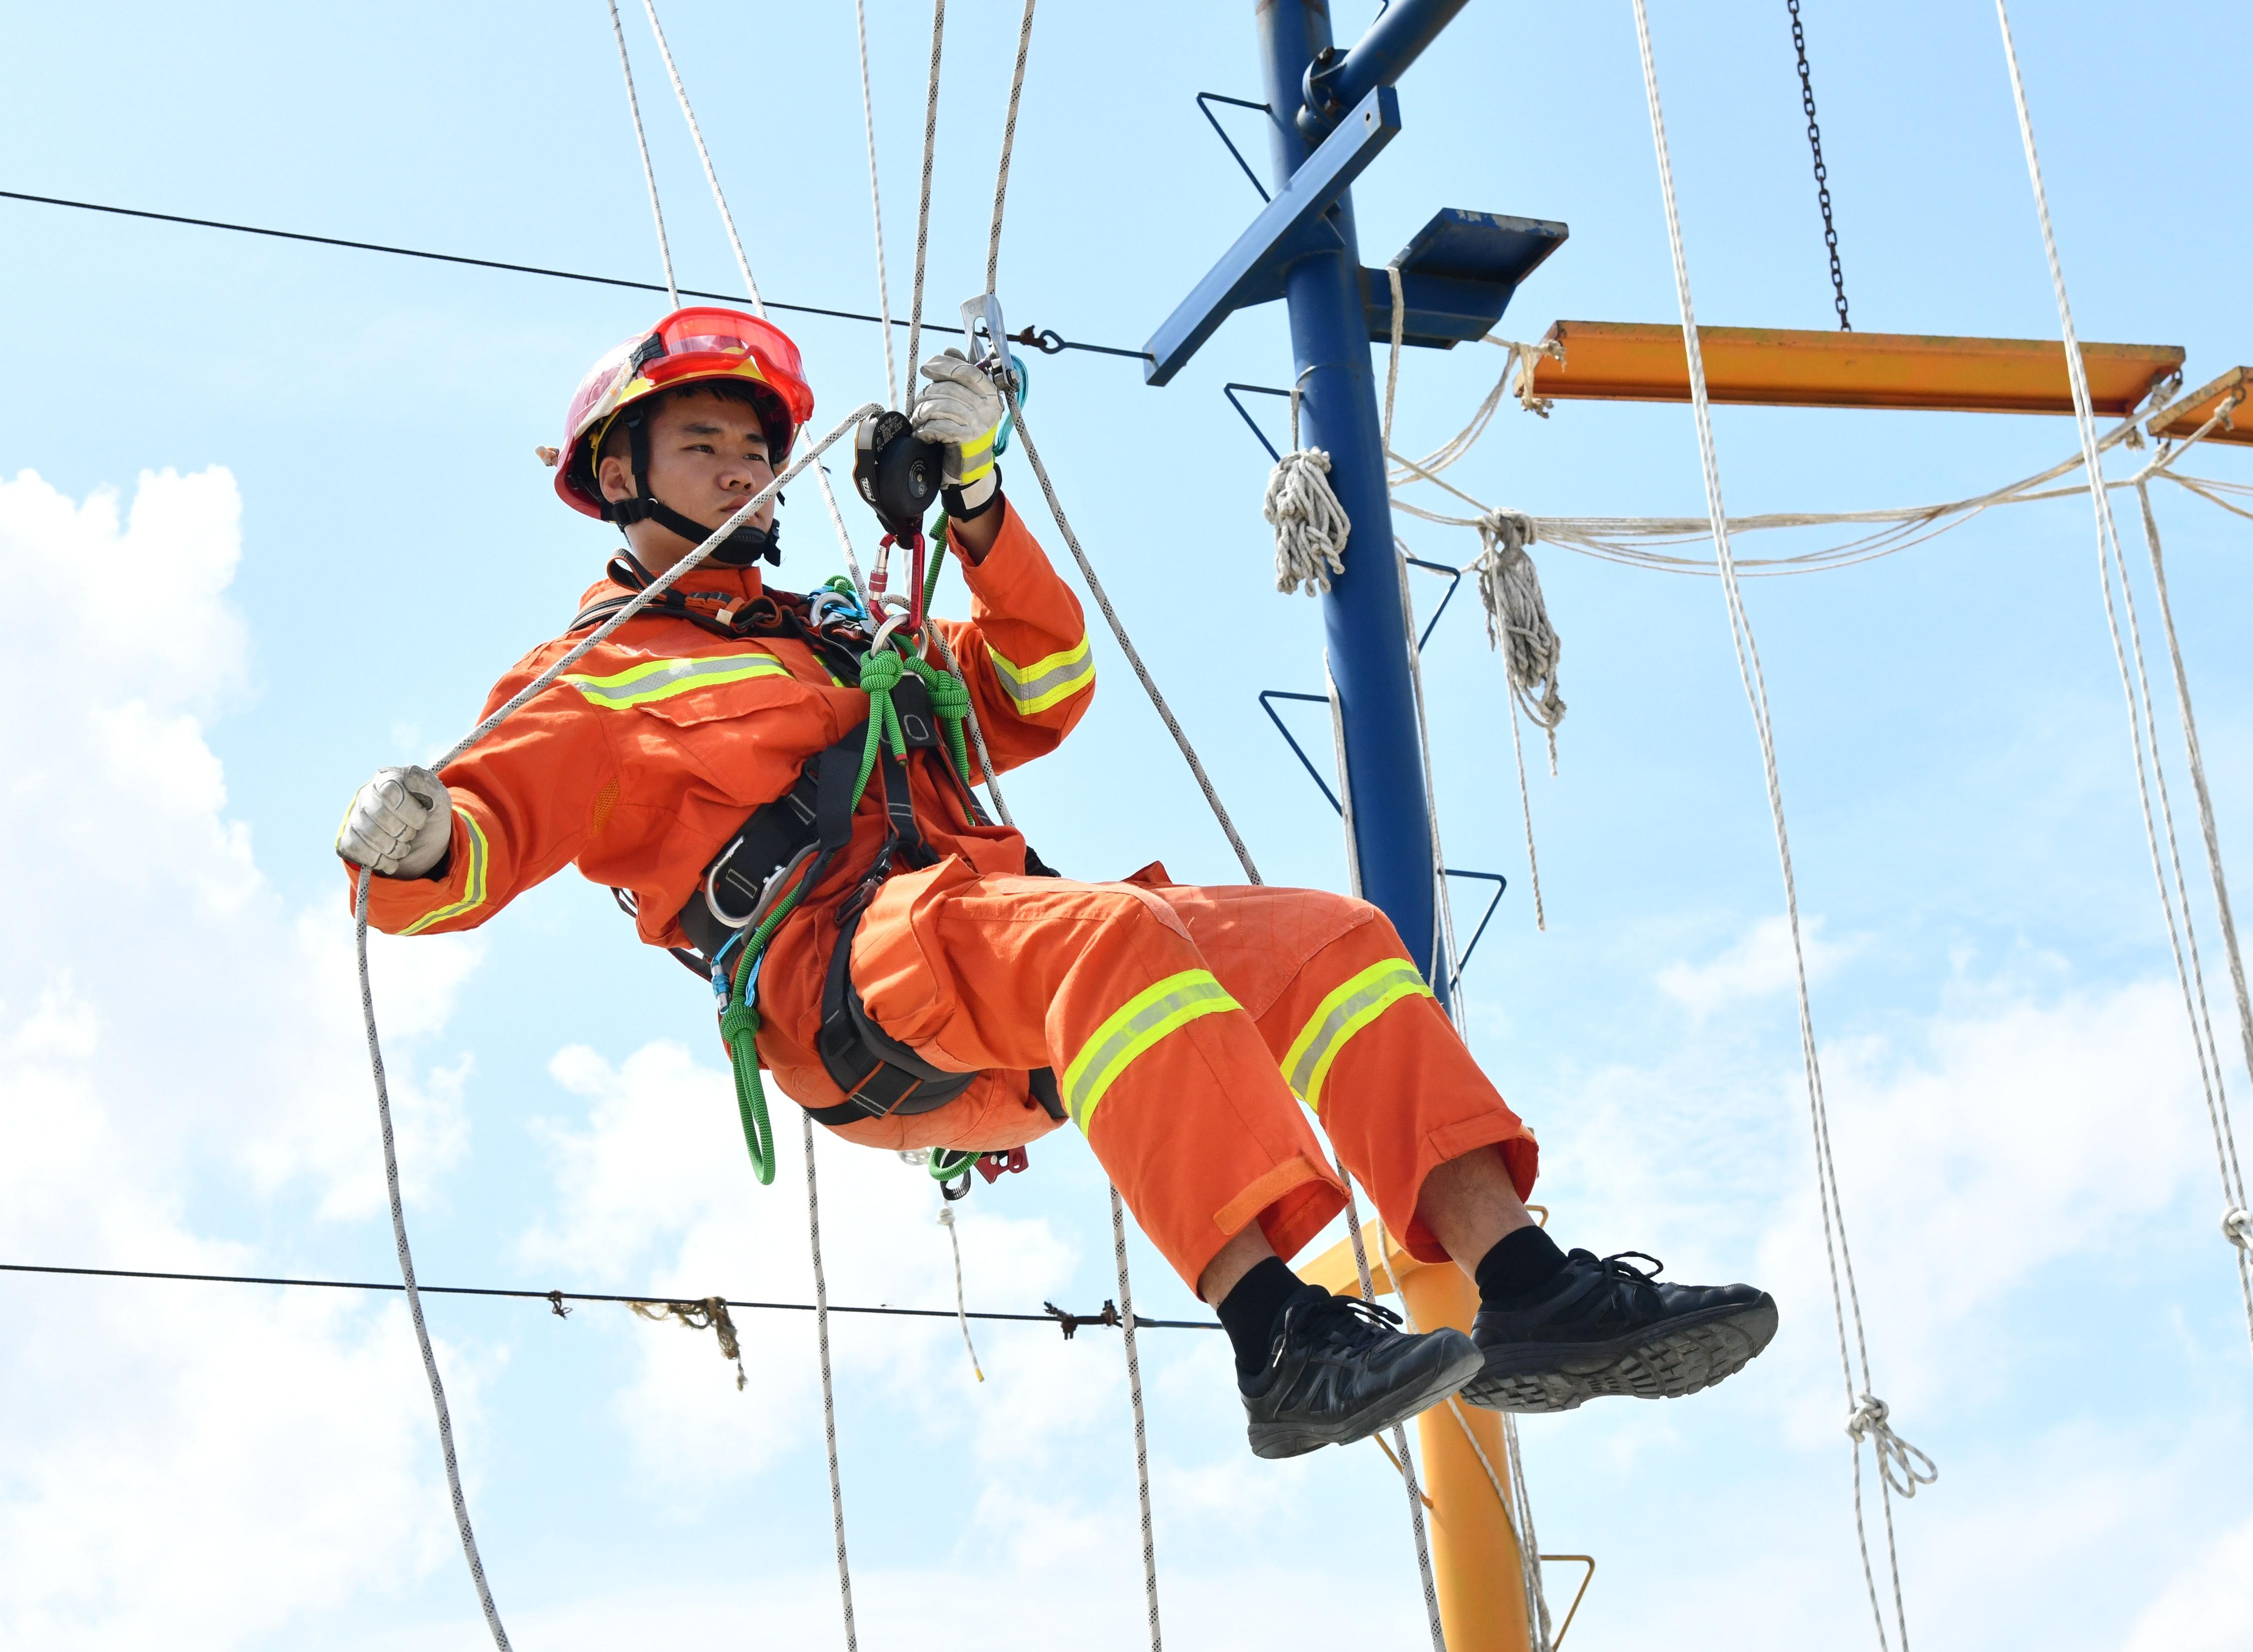 """为进一步提升全市消防救援队伍绳索救援技术水平,提高新时期""""全灾种、大应急""""的打赢能力,近日,哈尔滨市消防救援支队开展绳索救援训练。"""